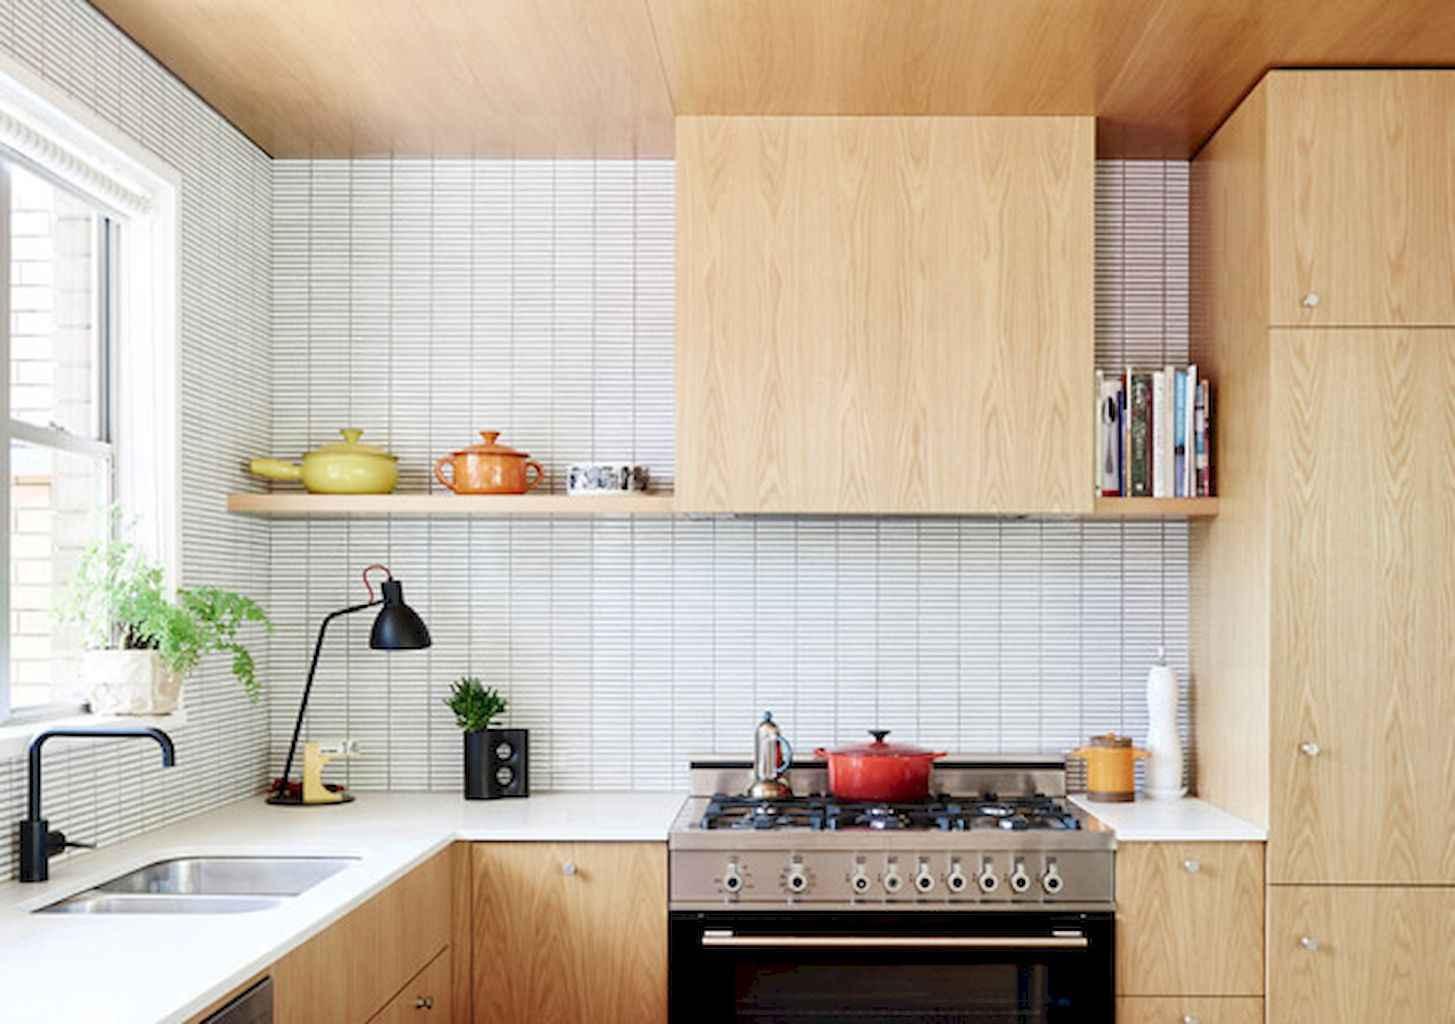 Mid Century Modern Kitchen Design Ideas 26 Homespecially